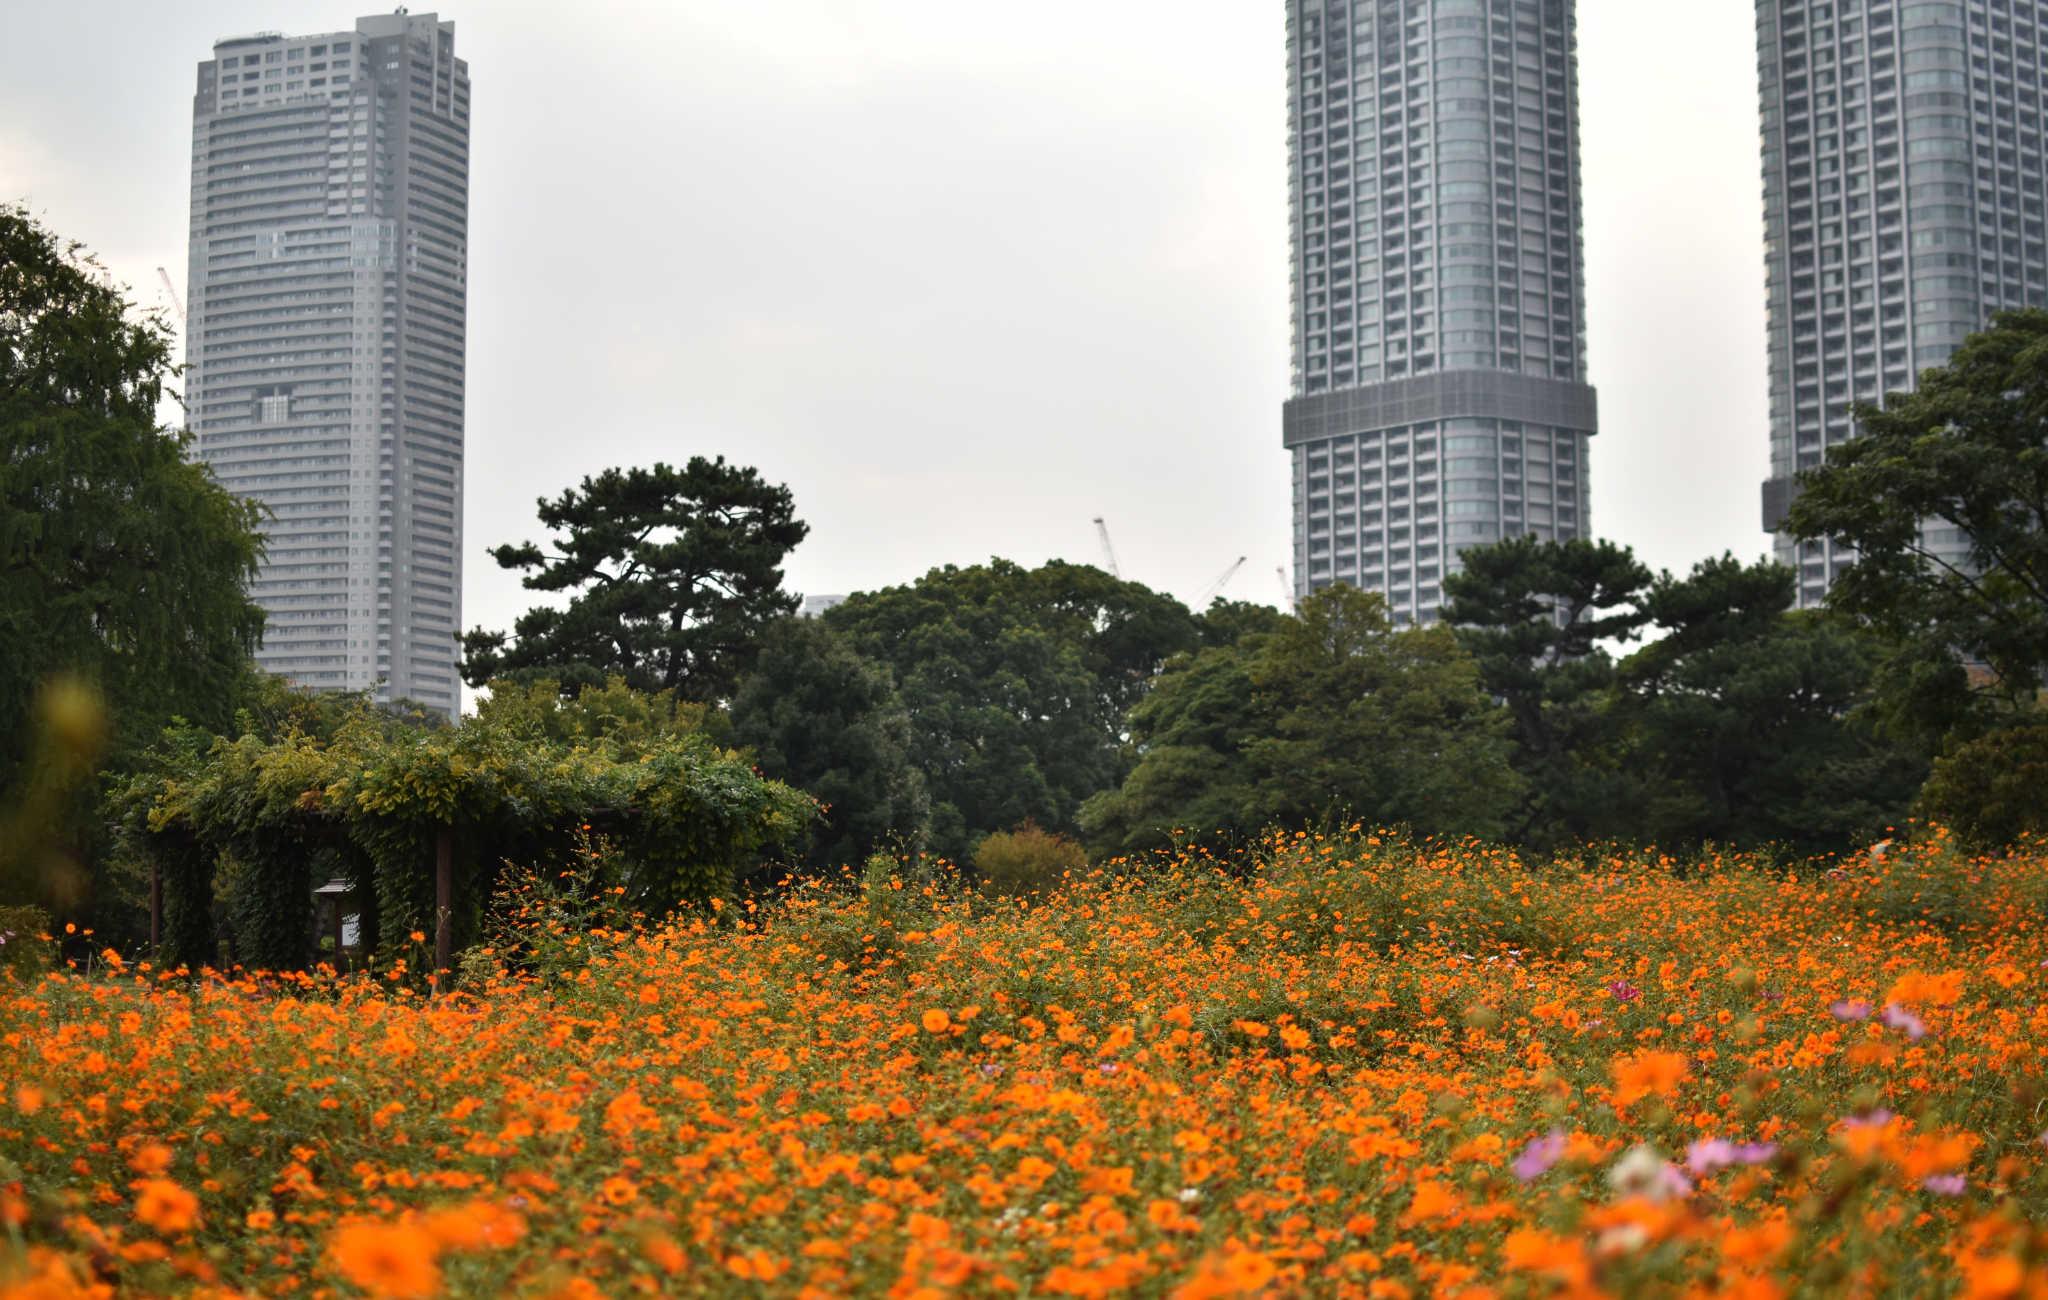 Hama-Rikyu est un cadre de nature en plein centre ville, avec des zones très fleuries